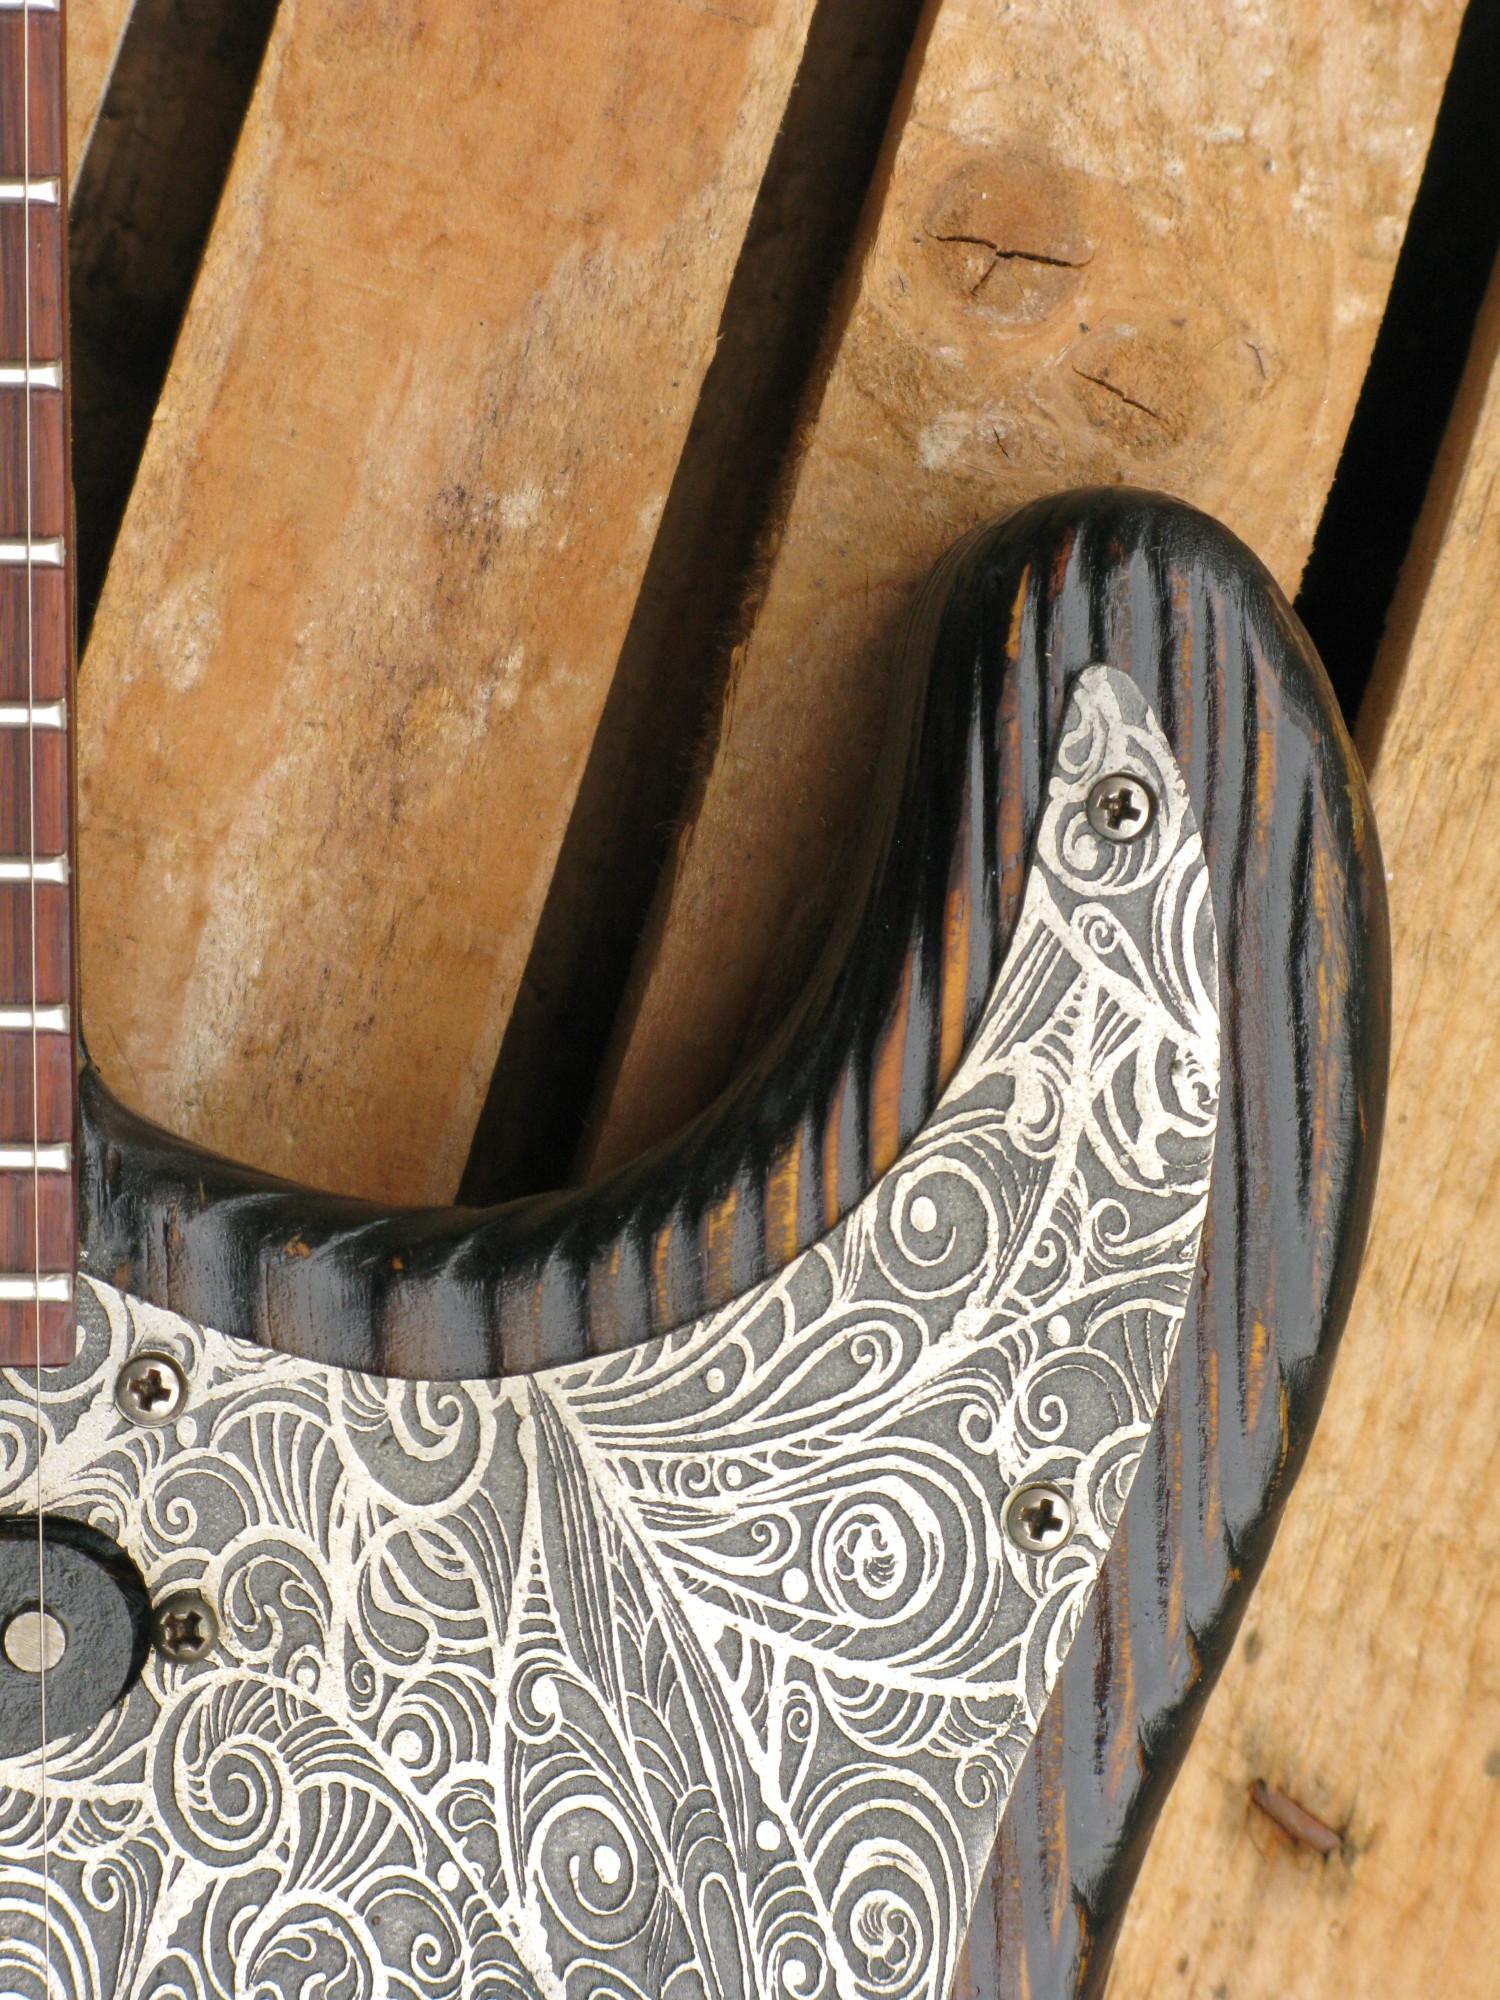 Dettaglio del battipenna inciso di una chitarra elettrica Stratocaster in pino